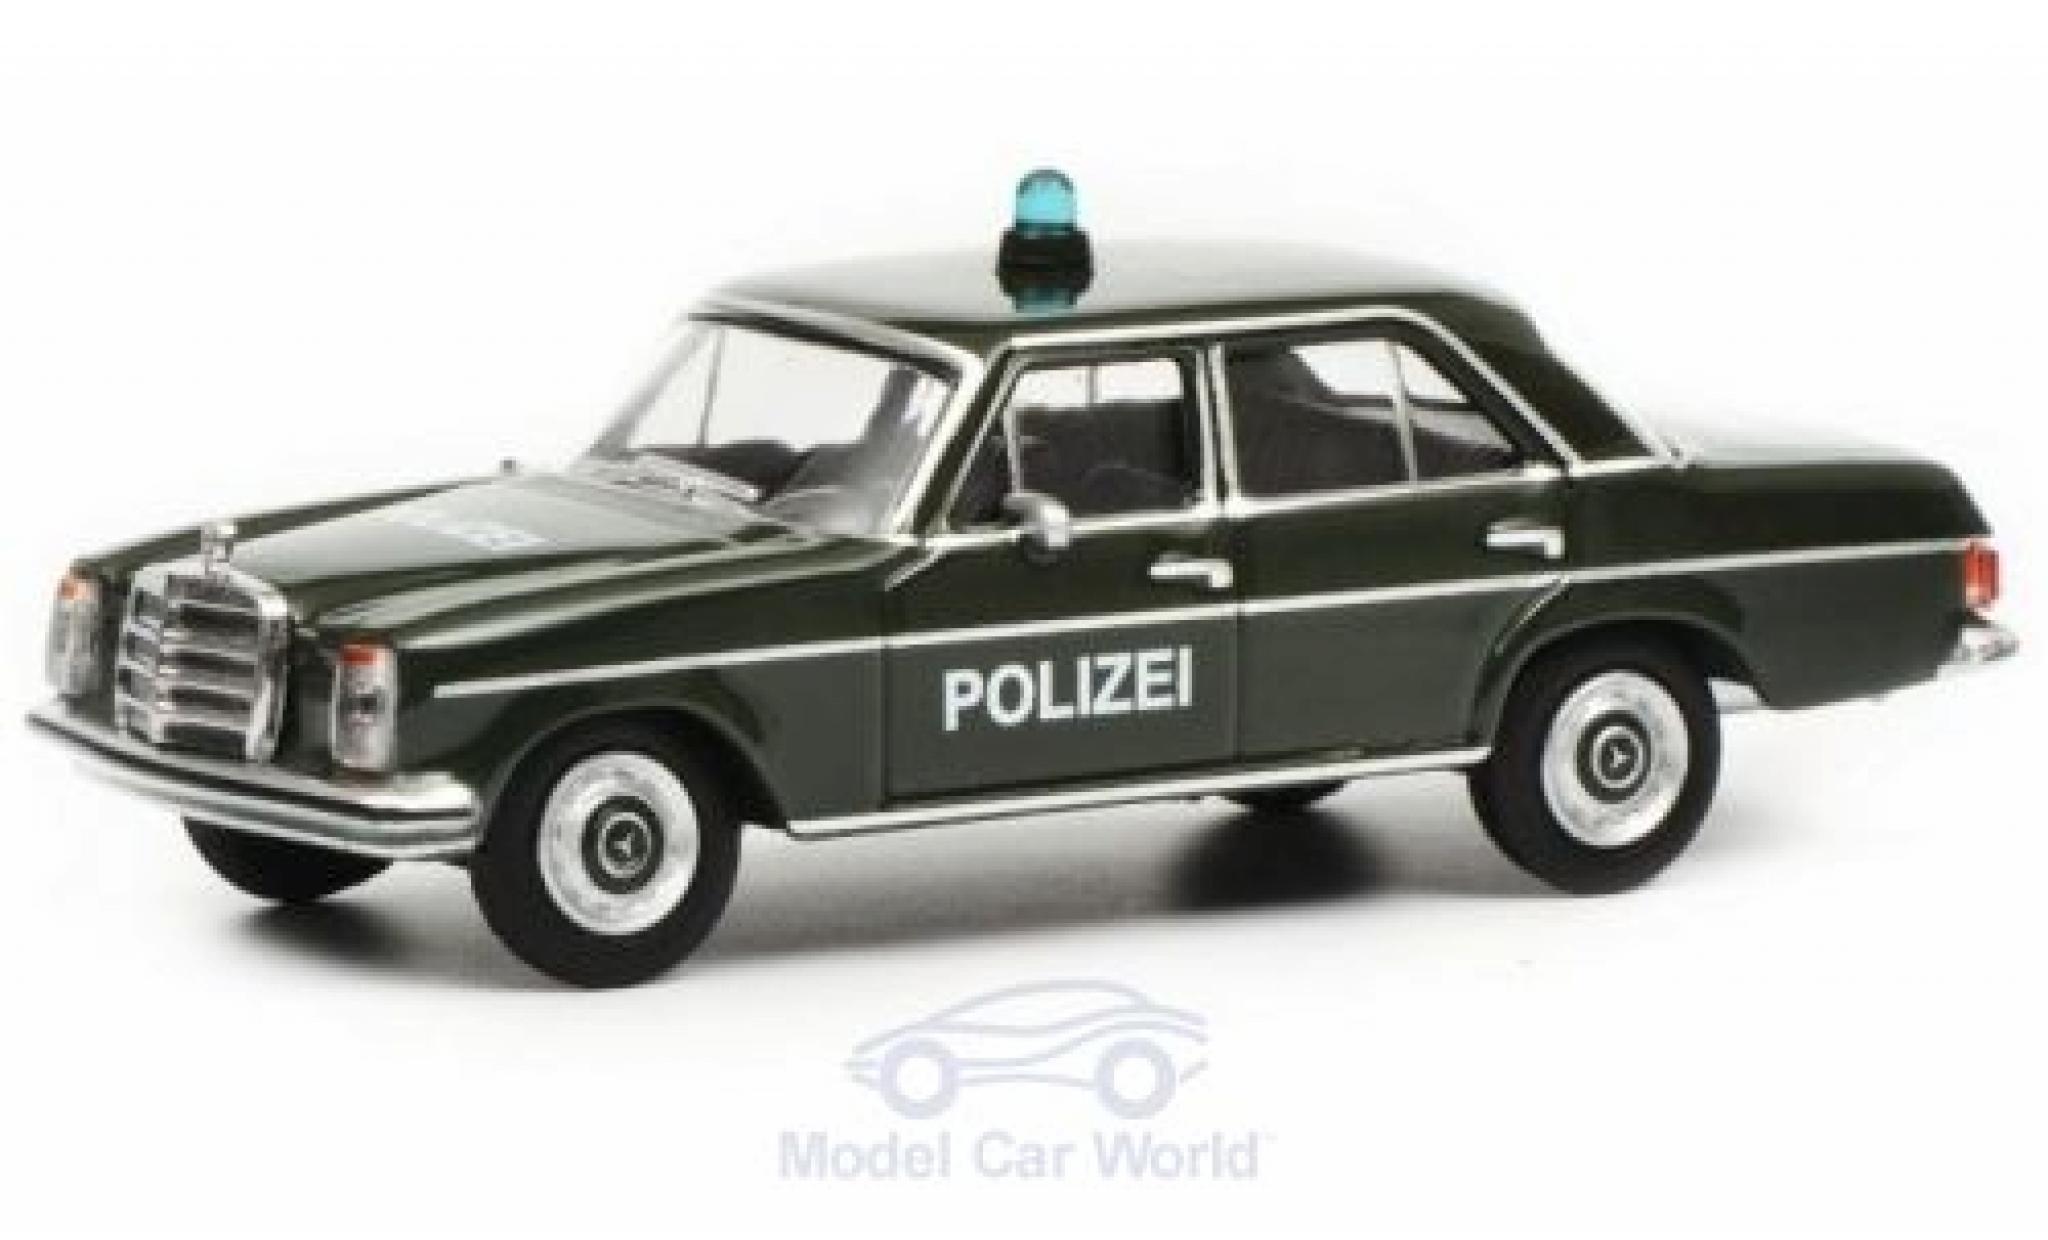 Mercedes /8 1/64 Schuco Polizei